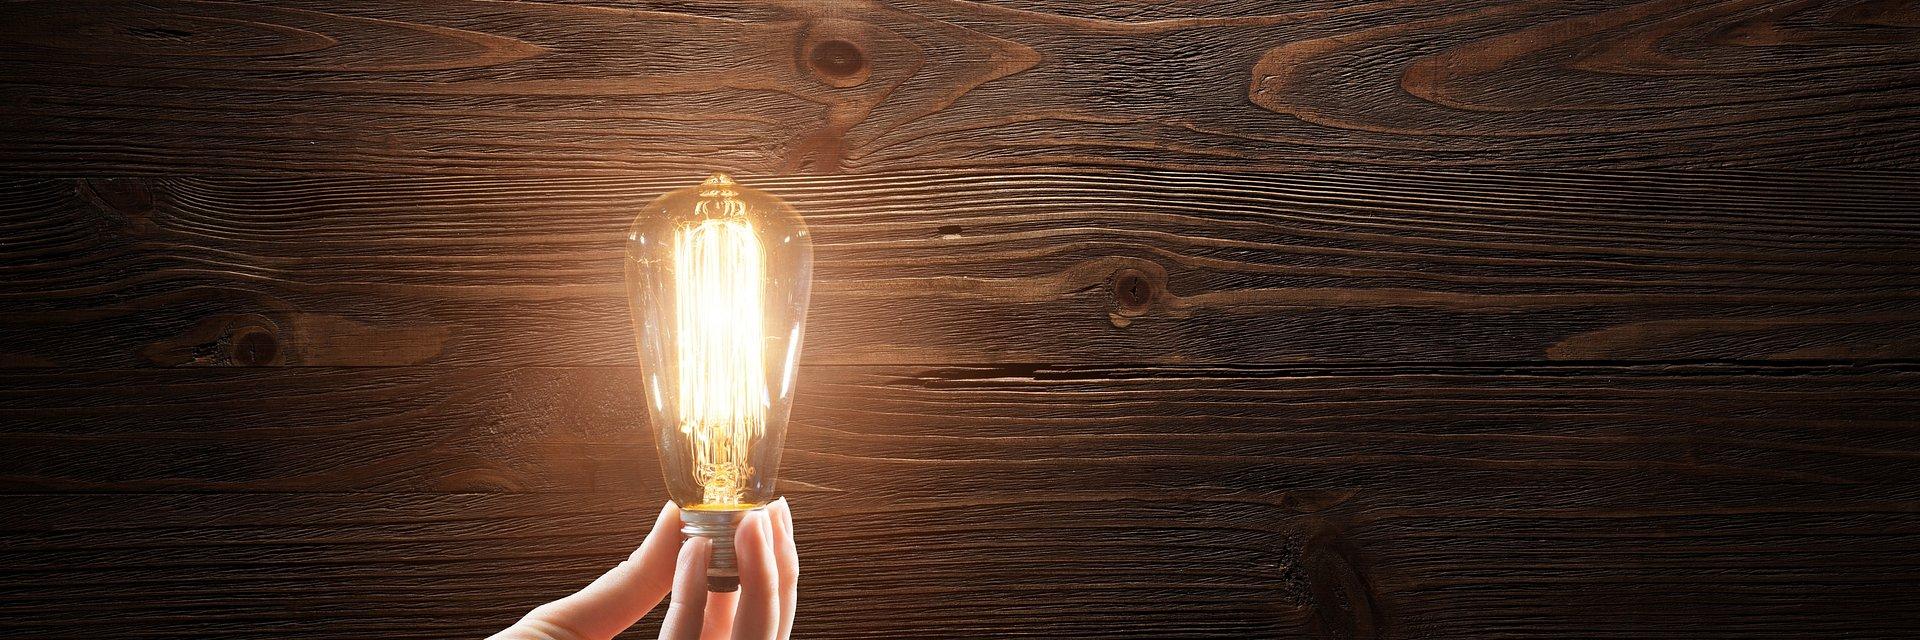 Oświetlenie techniczne – gdzie użyć świetlówkę liniową tradycyjną, a gdzie LED?